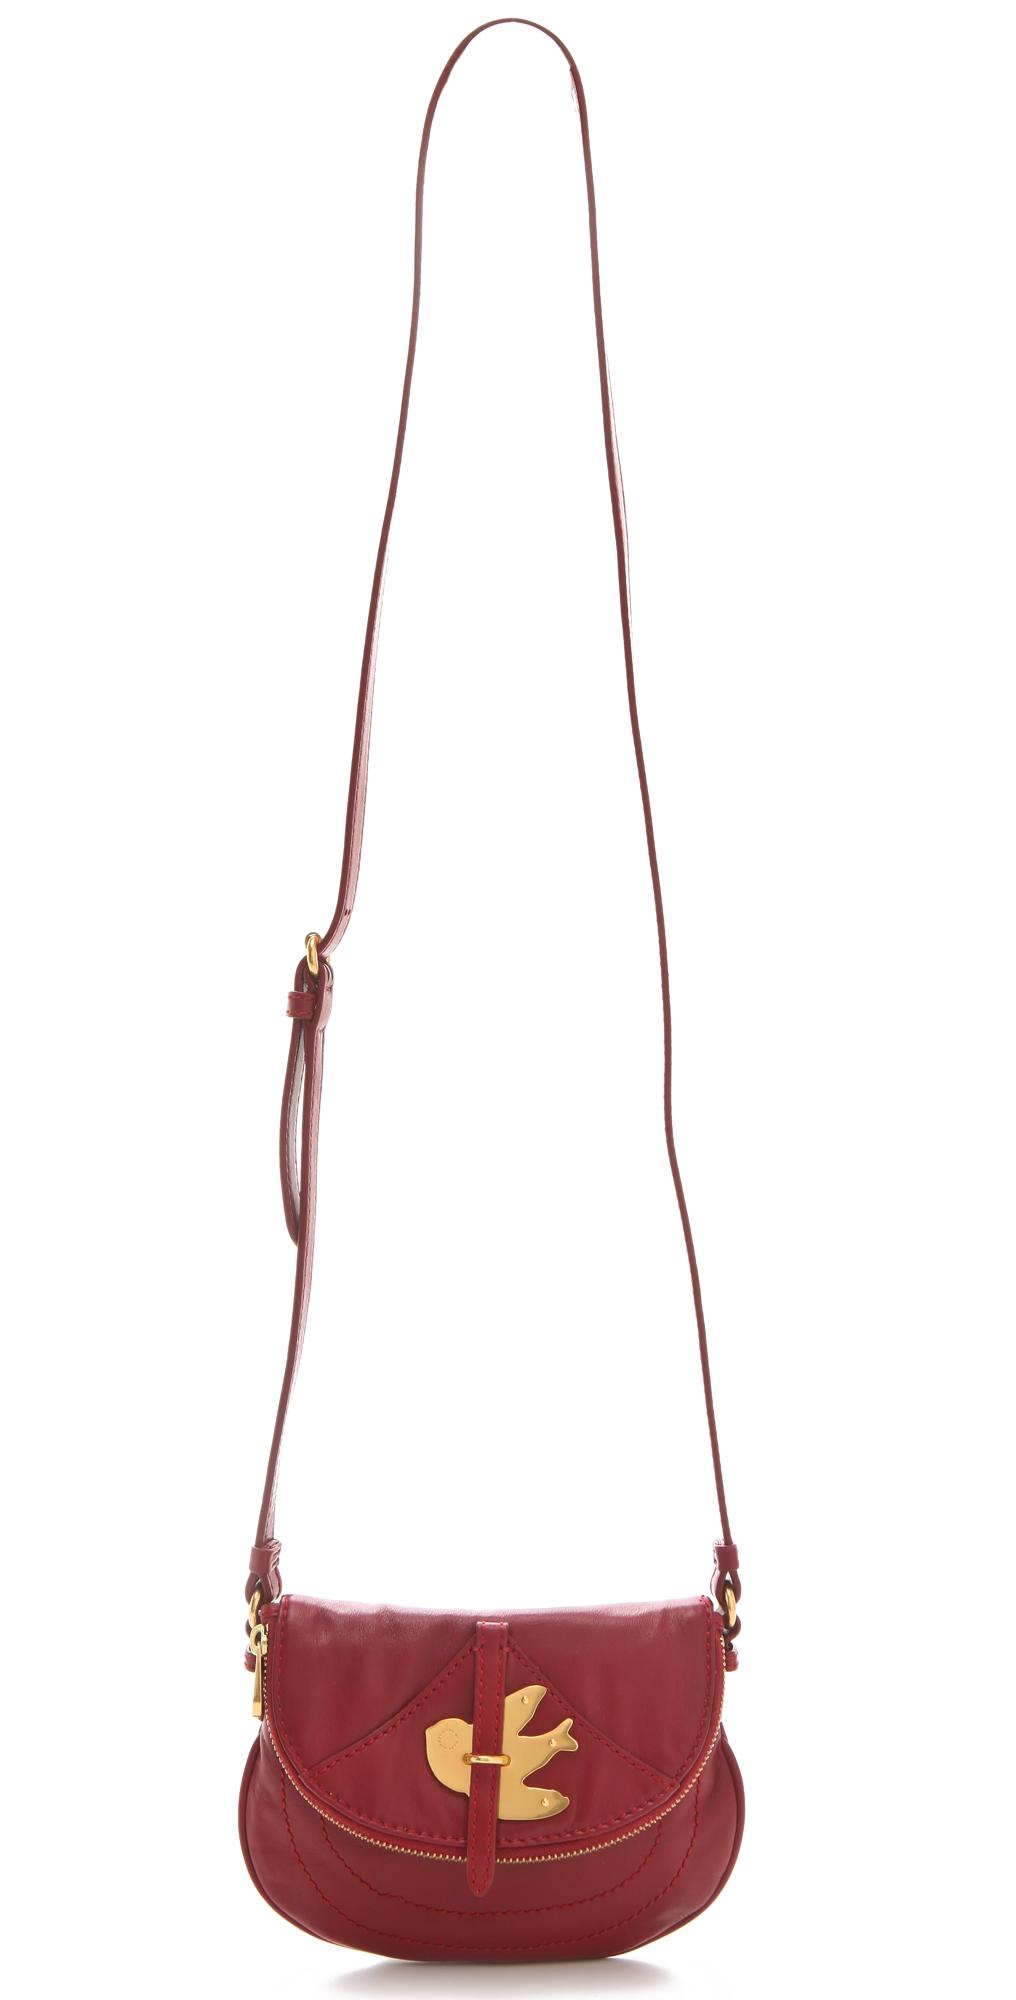 Marc By Marc Jacobs Petal To The Metal Flap Pouchette Black Shoulder Bag 86